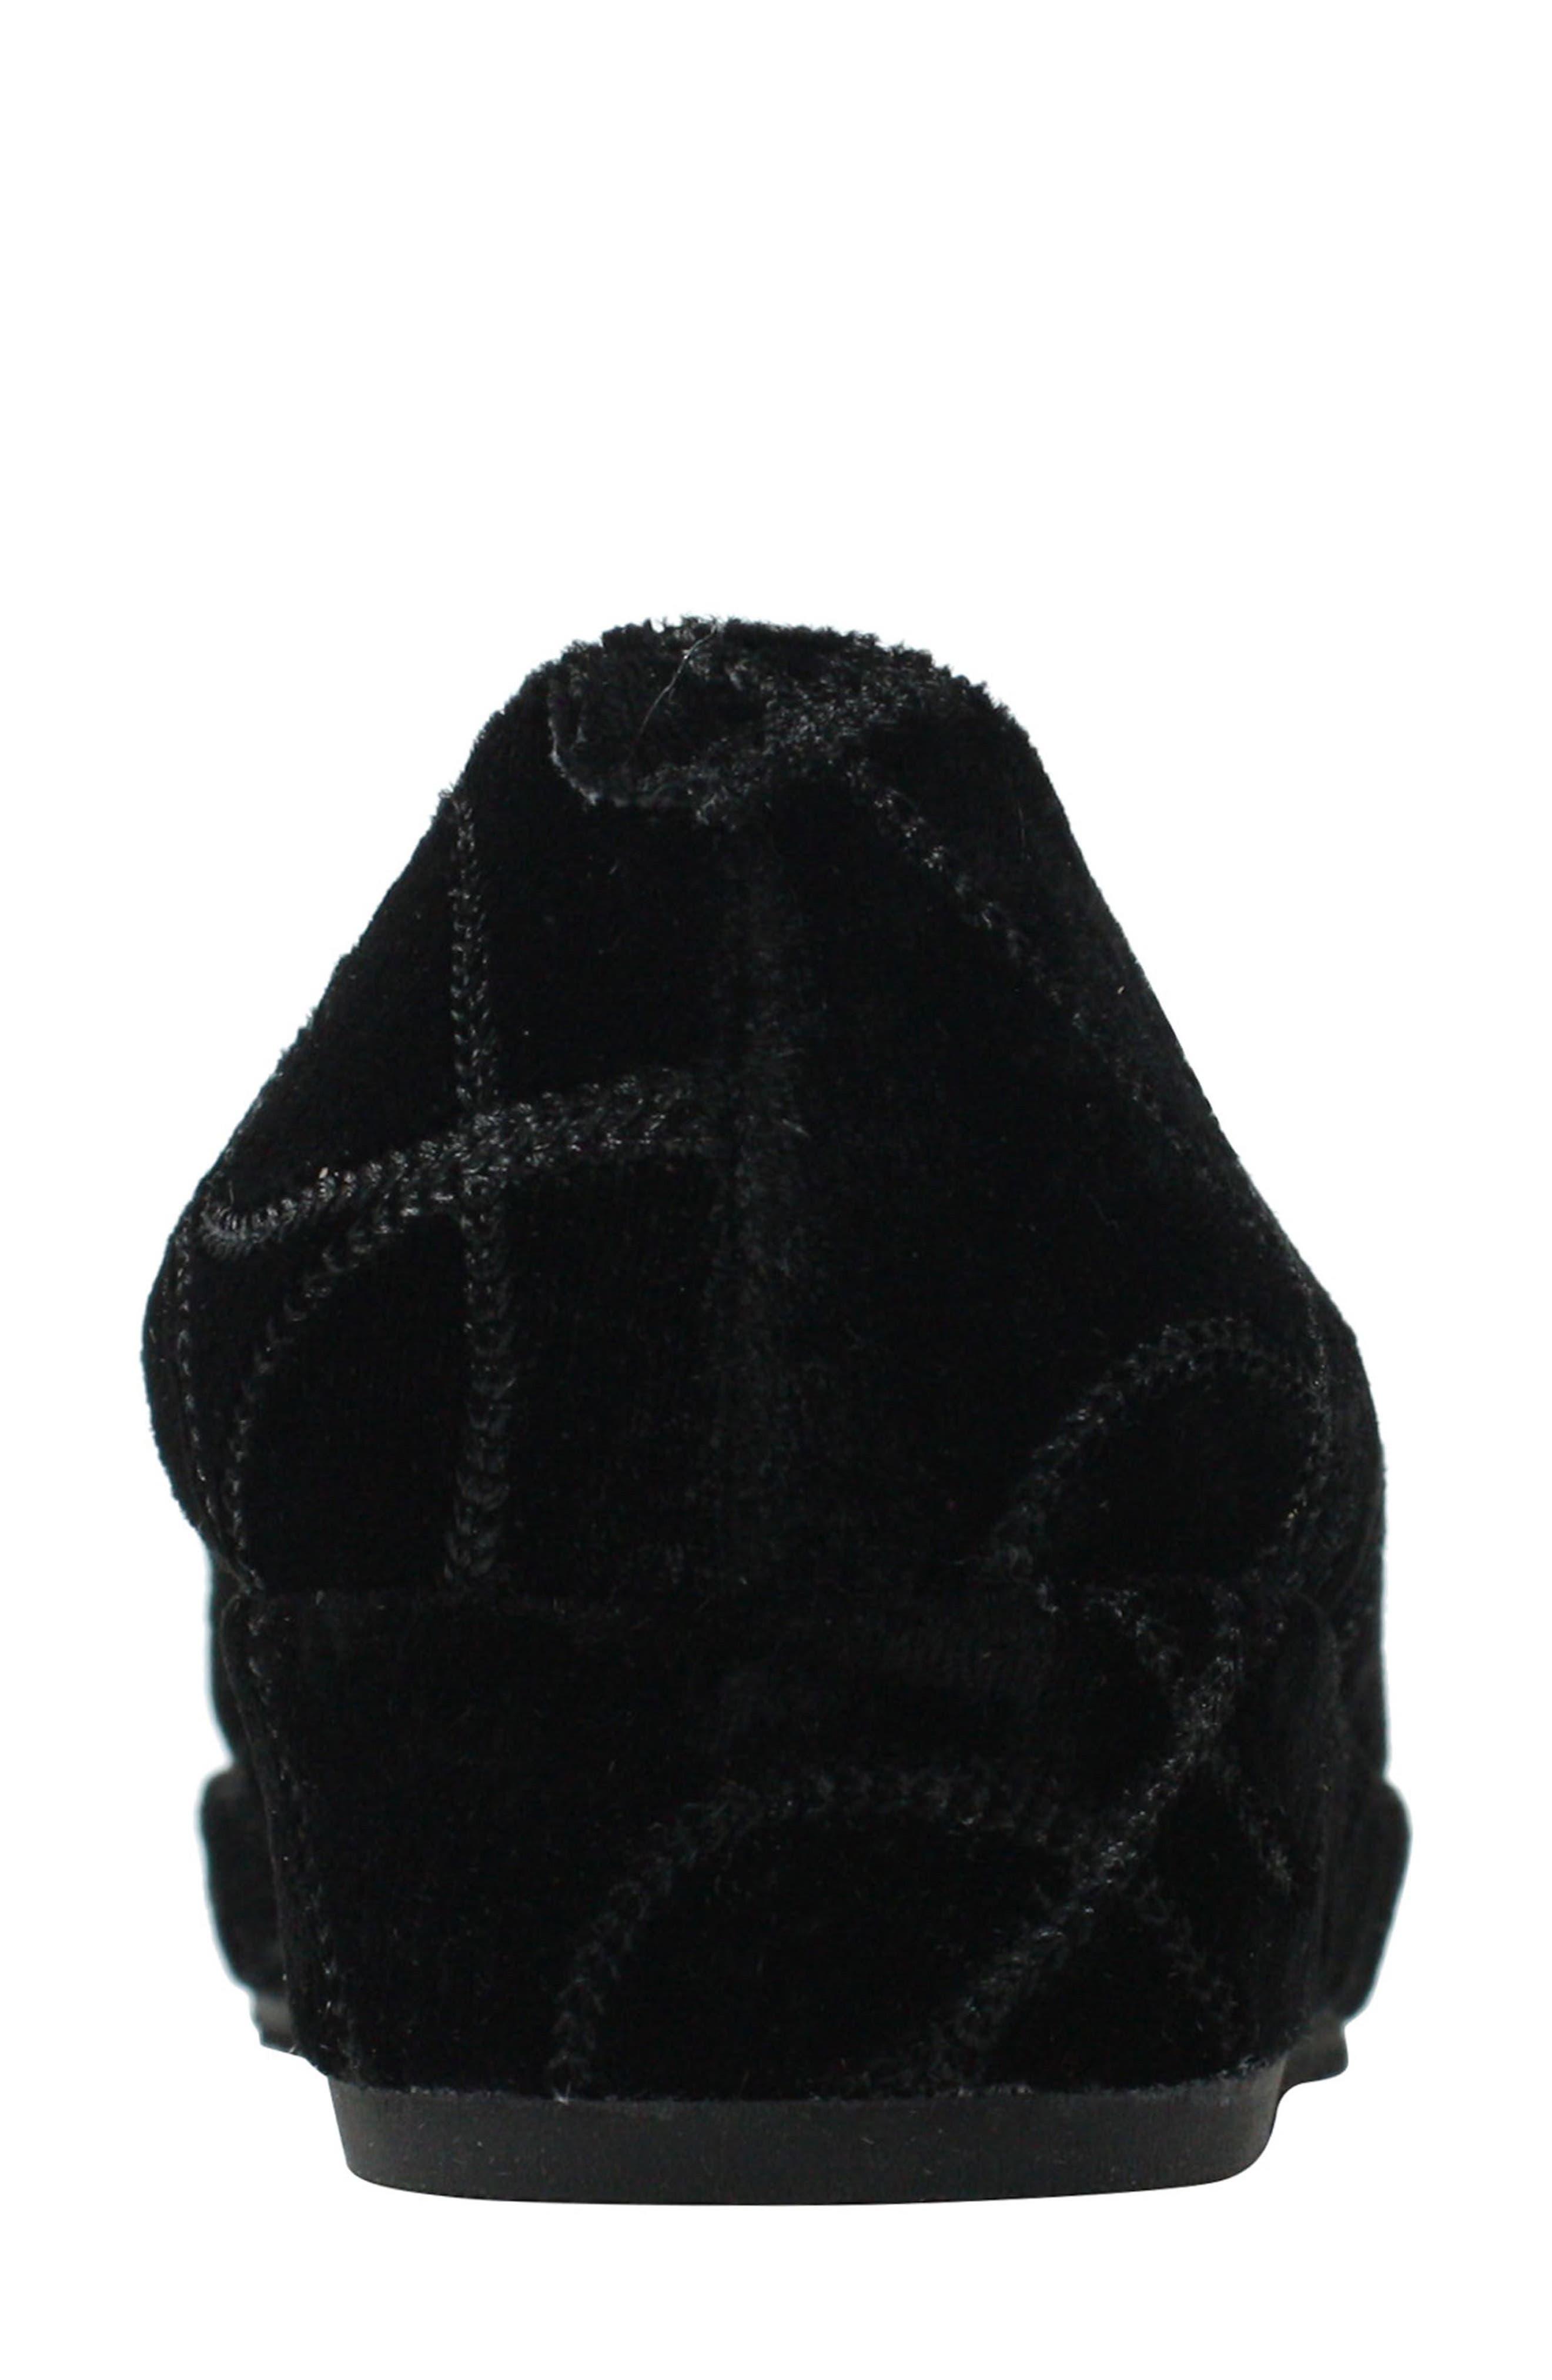 Carsoli Wedge Loafer,                             Alternate thumbnail 5, color,                             BLACK VELVET